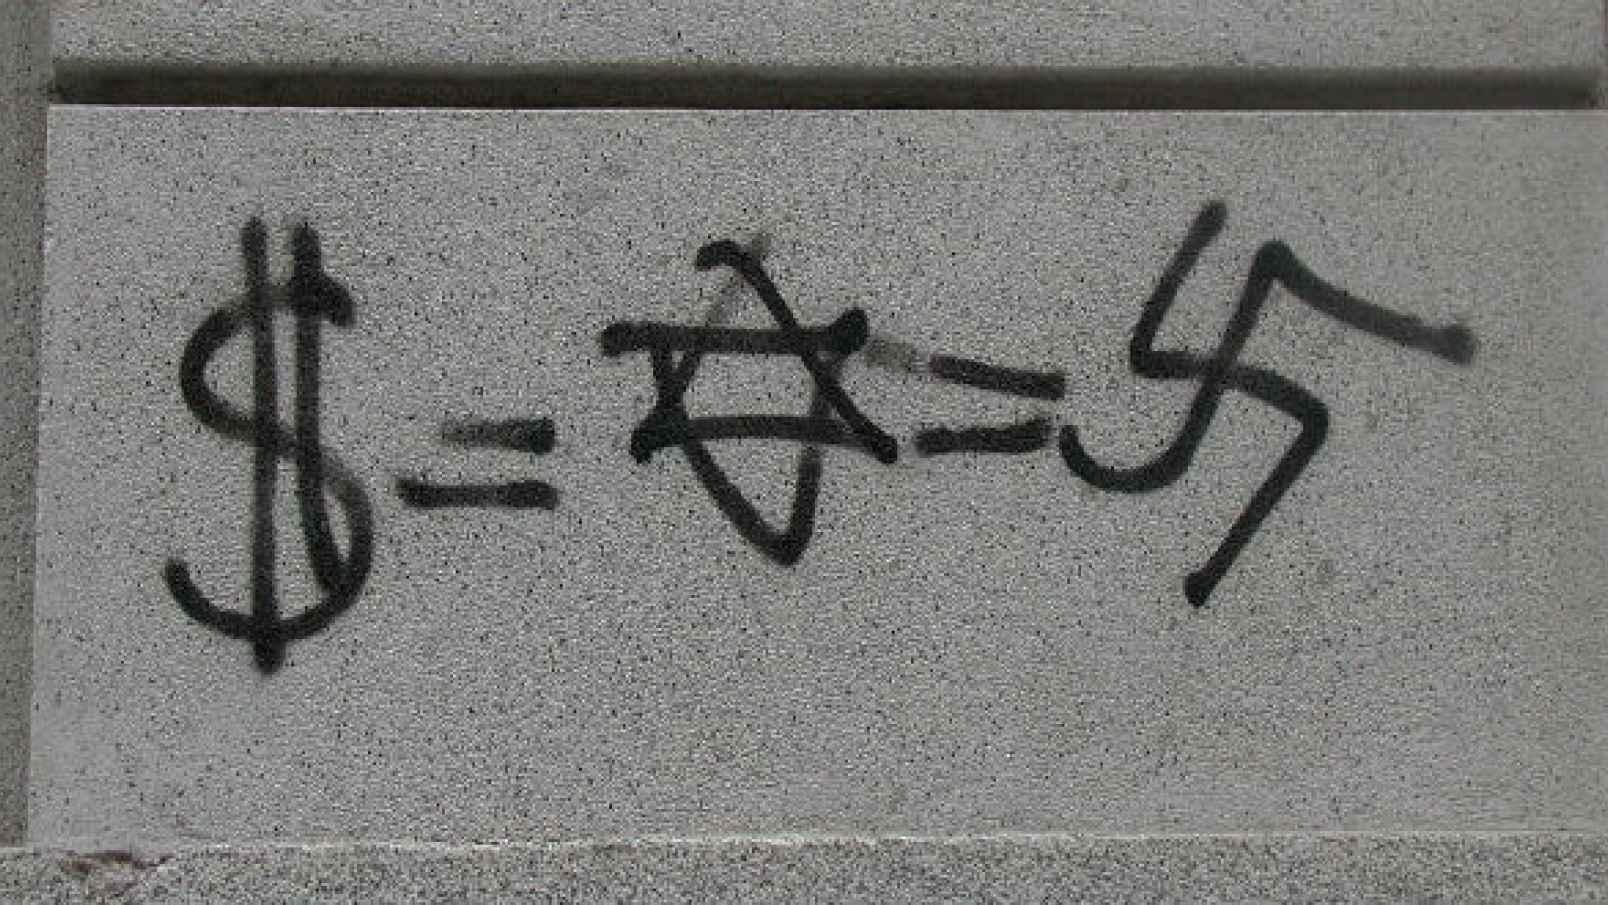 Grote stijging antisemitische incidenten in Nederland